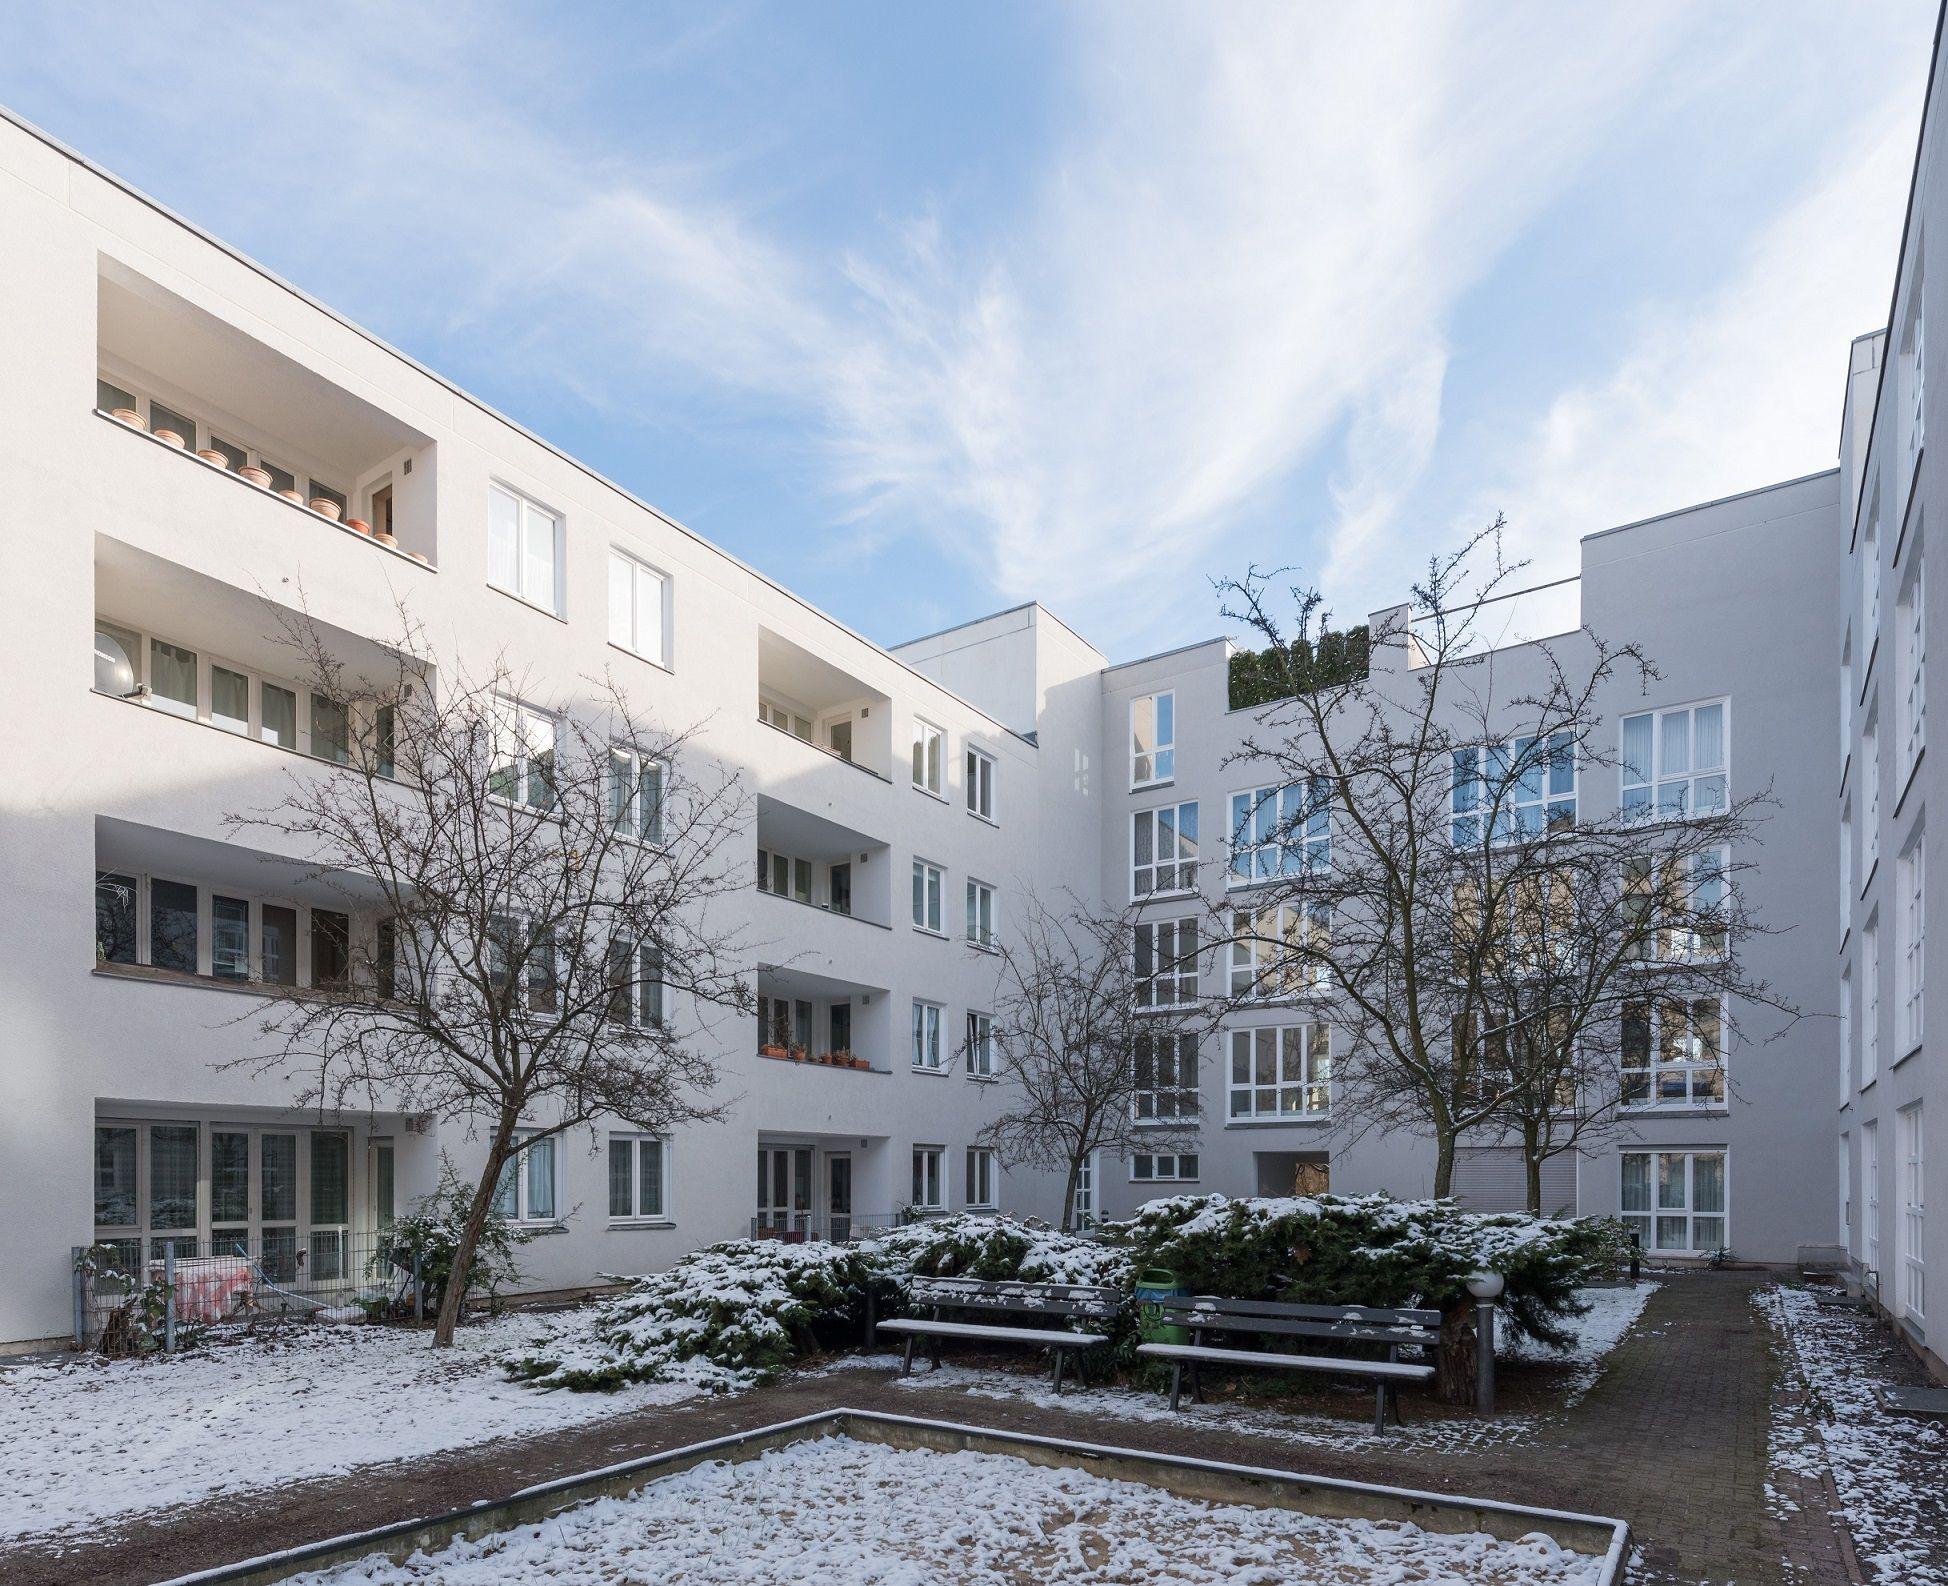 Kapitalanlage Berlin, Hitzigallee, www.accentro.de (mit